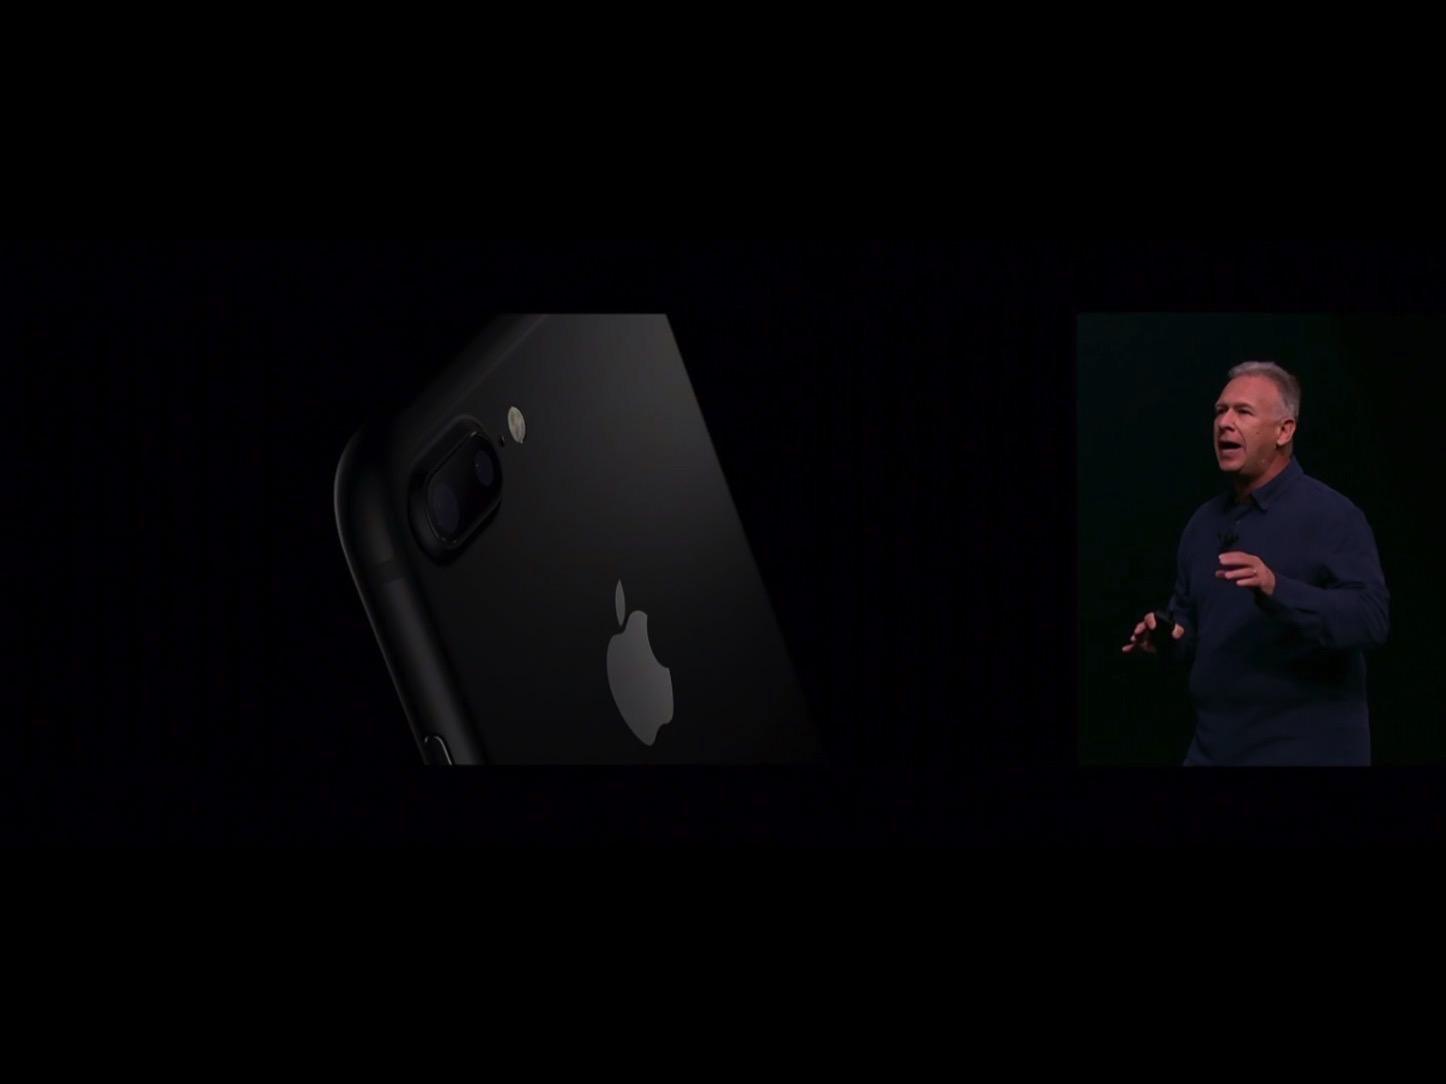 iPhone-7-7-Plus-08.jpg